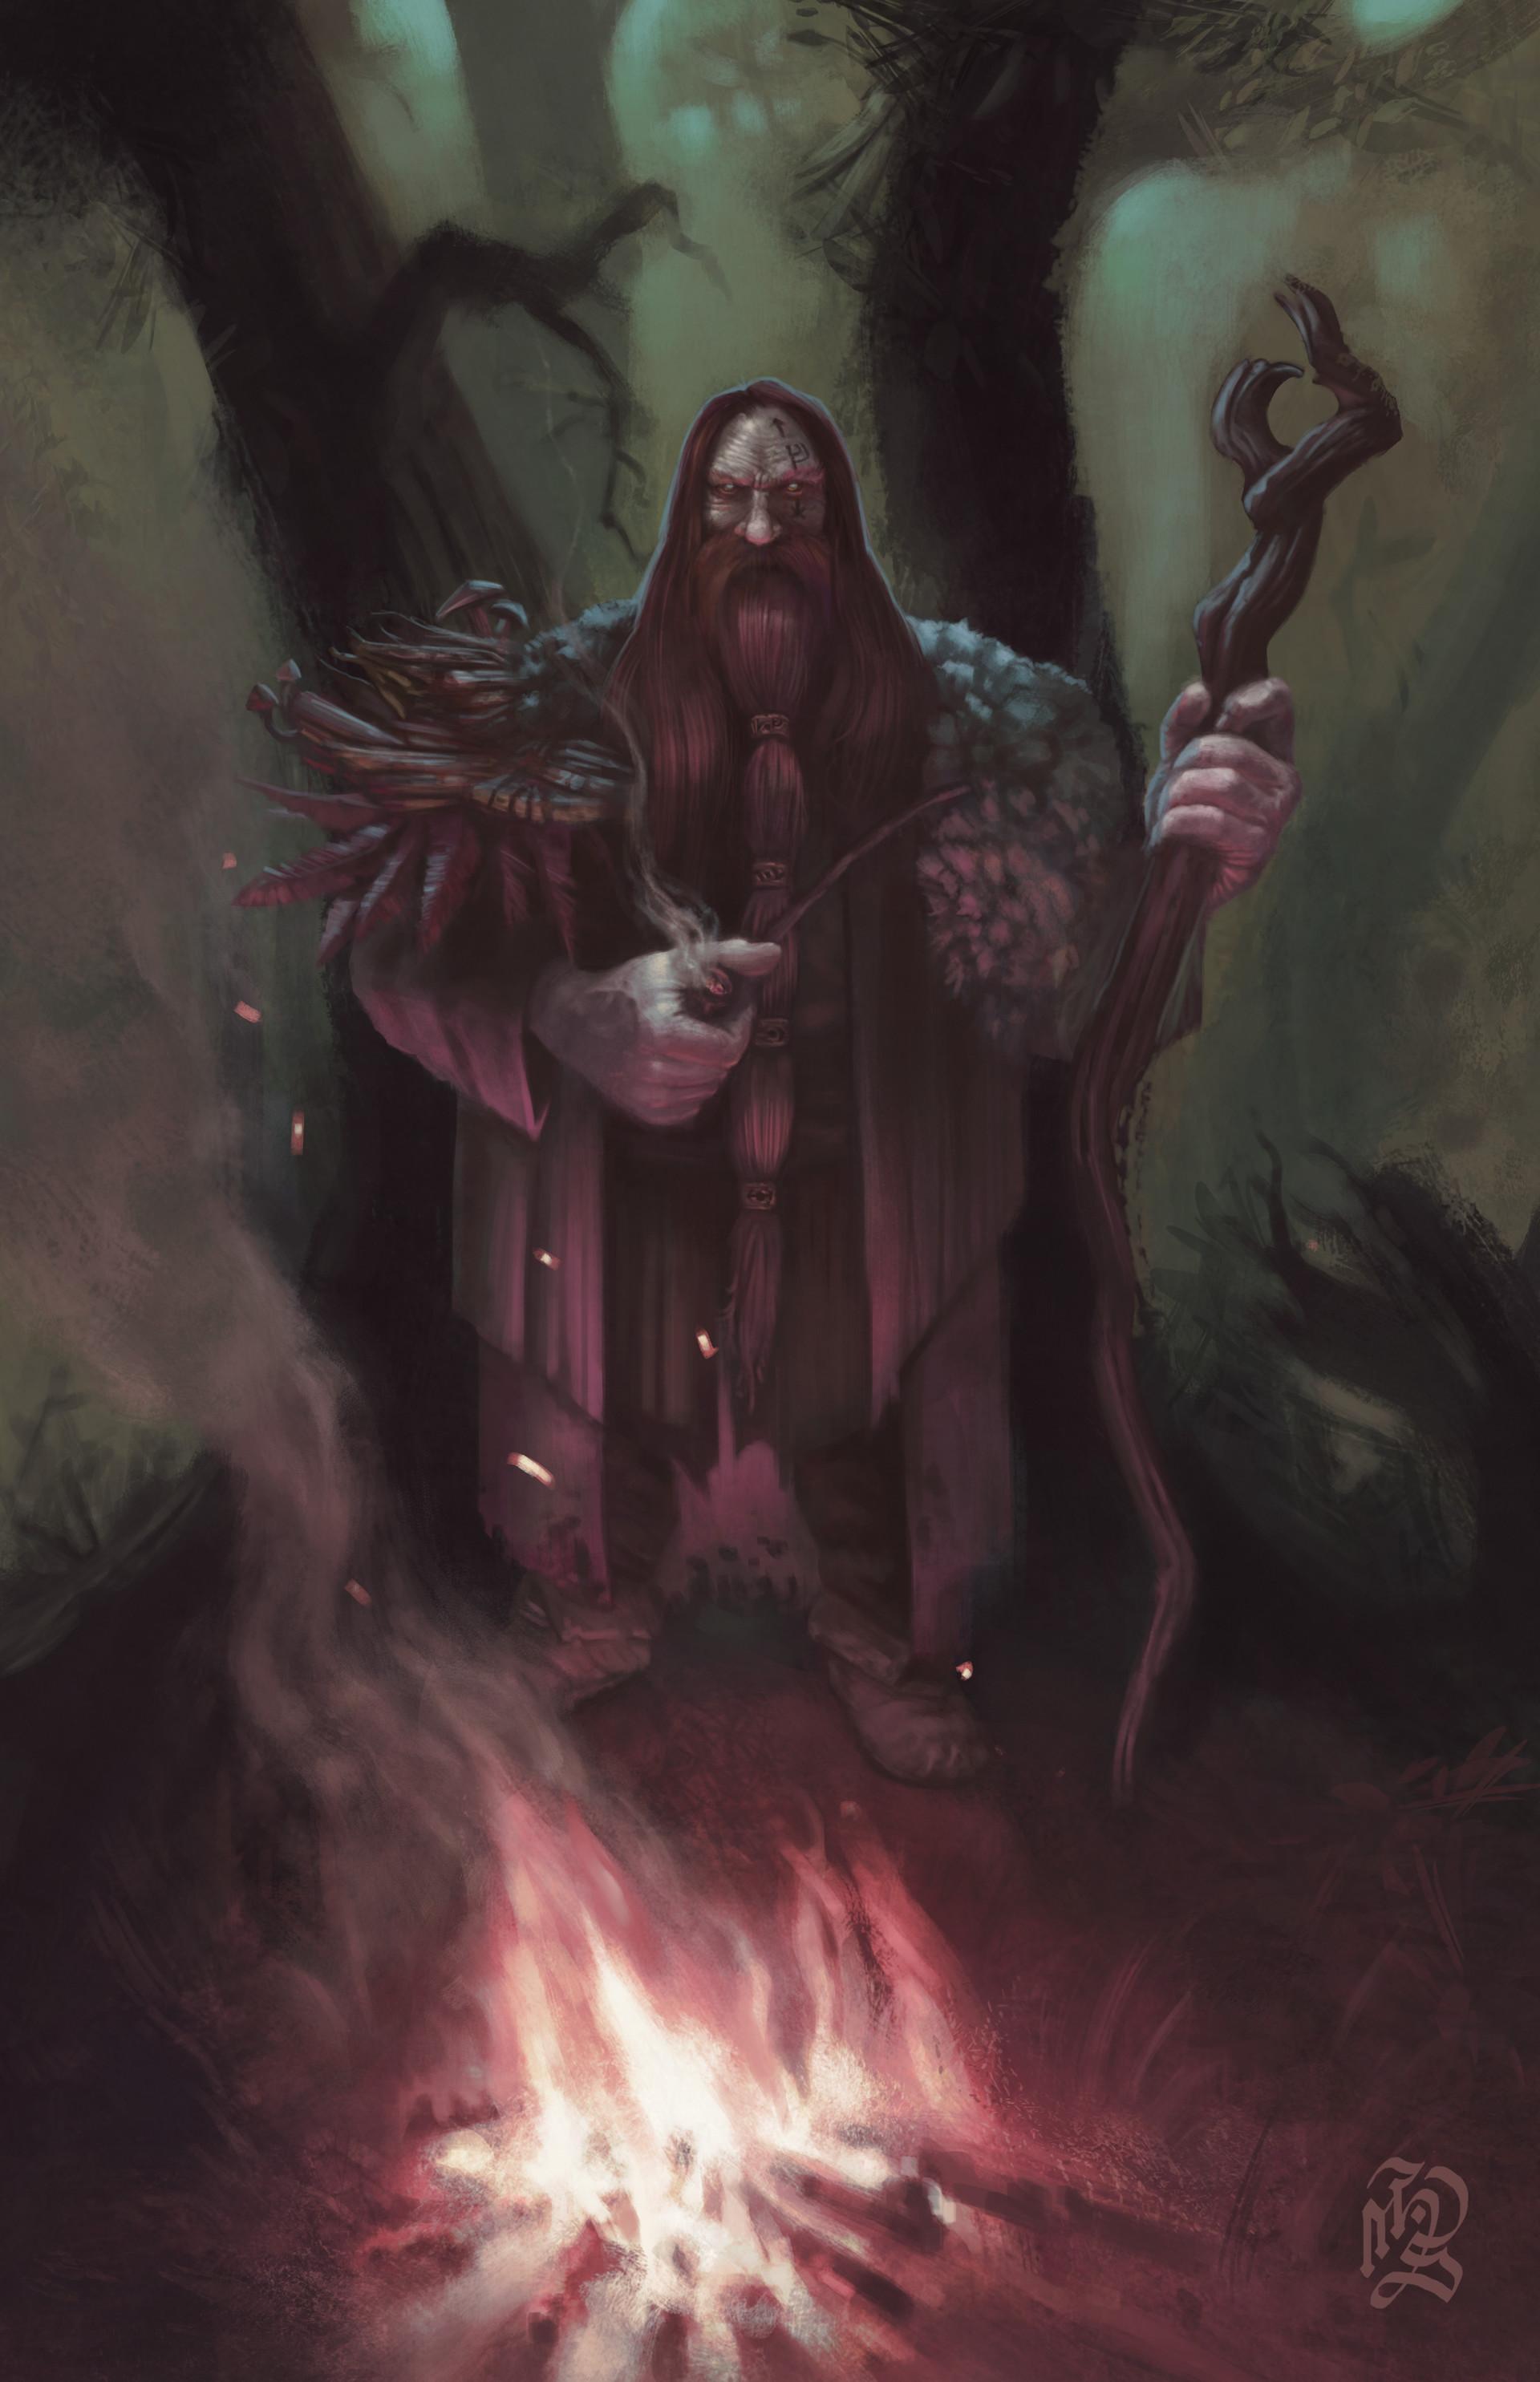 ArtStation - Dwarf Druid, Haron Seehagen